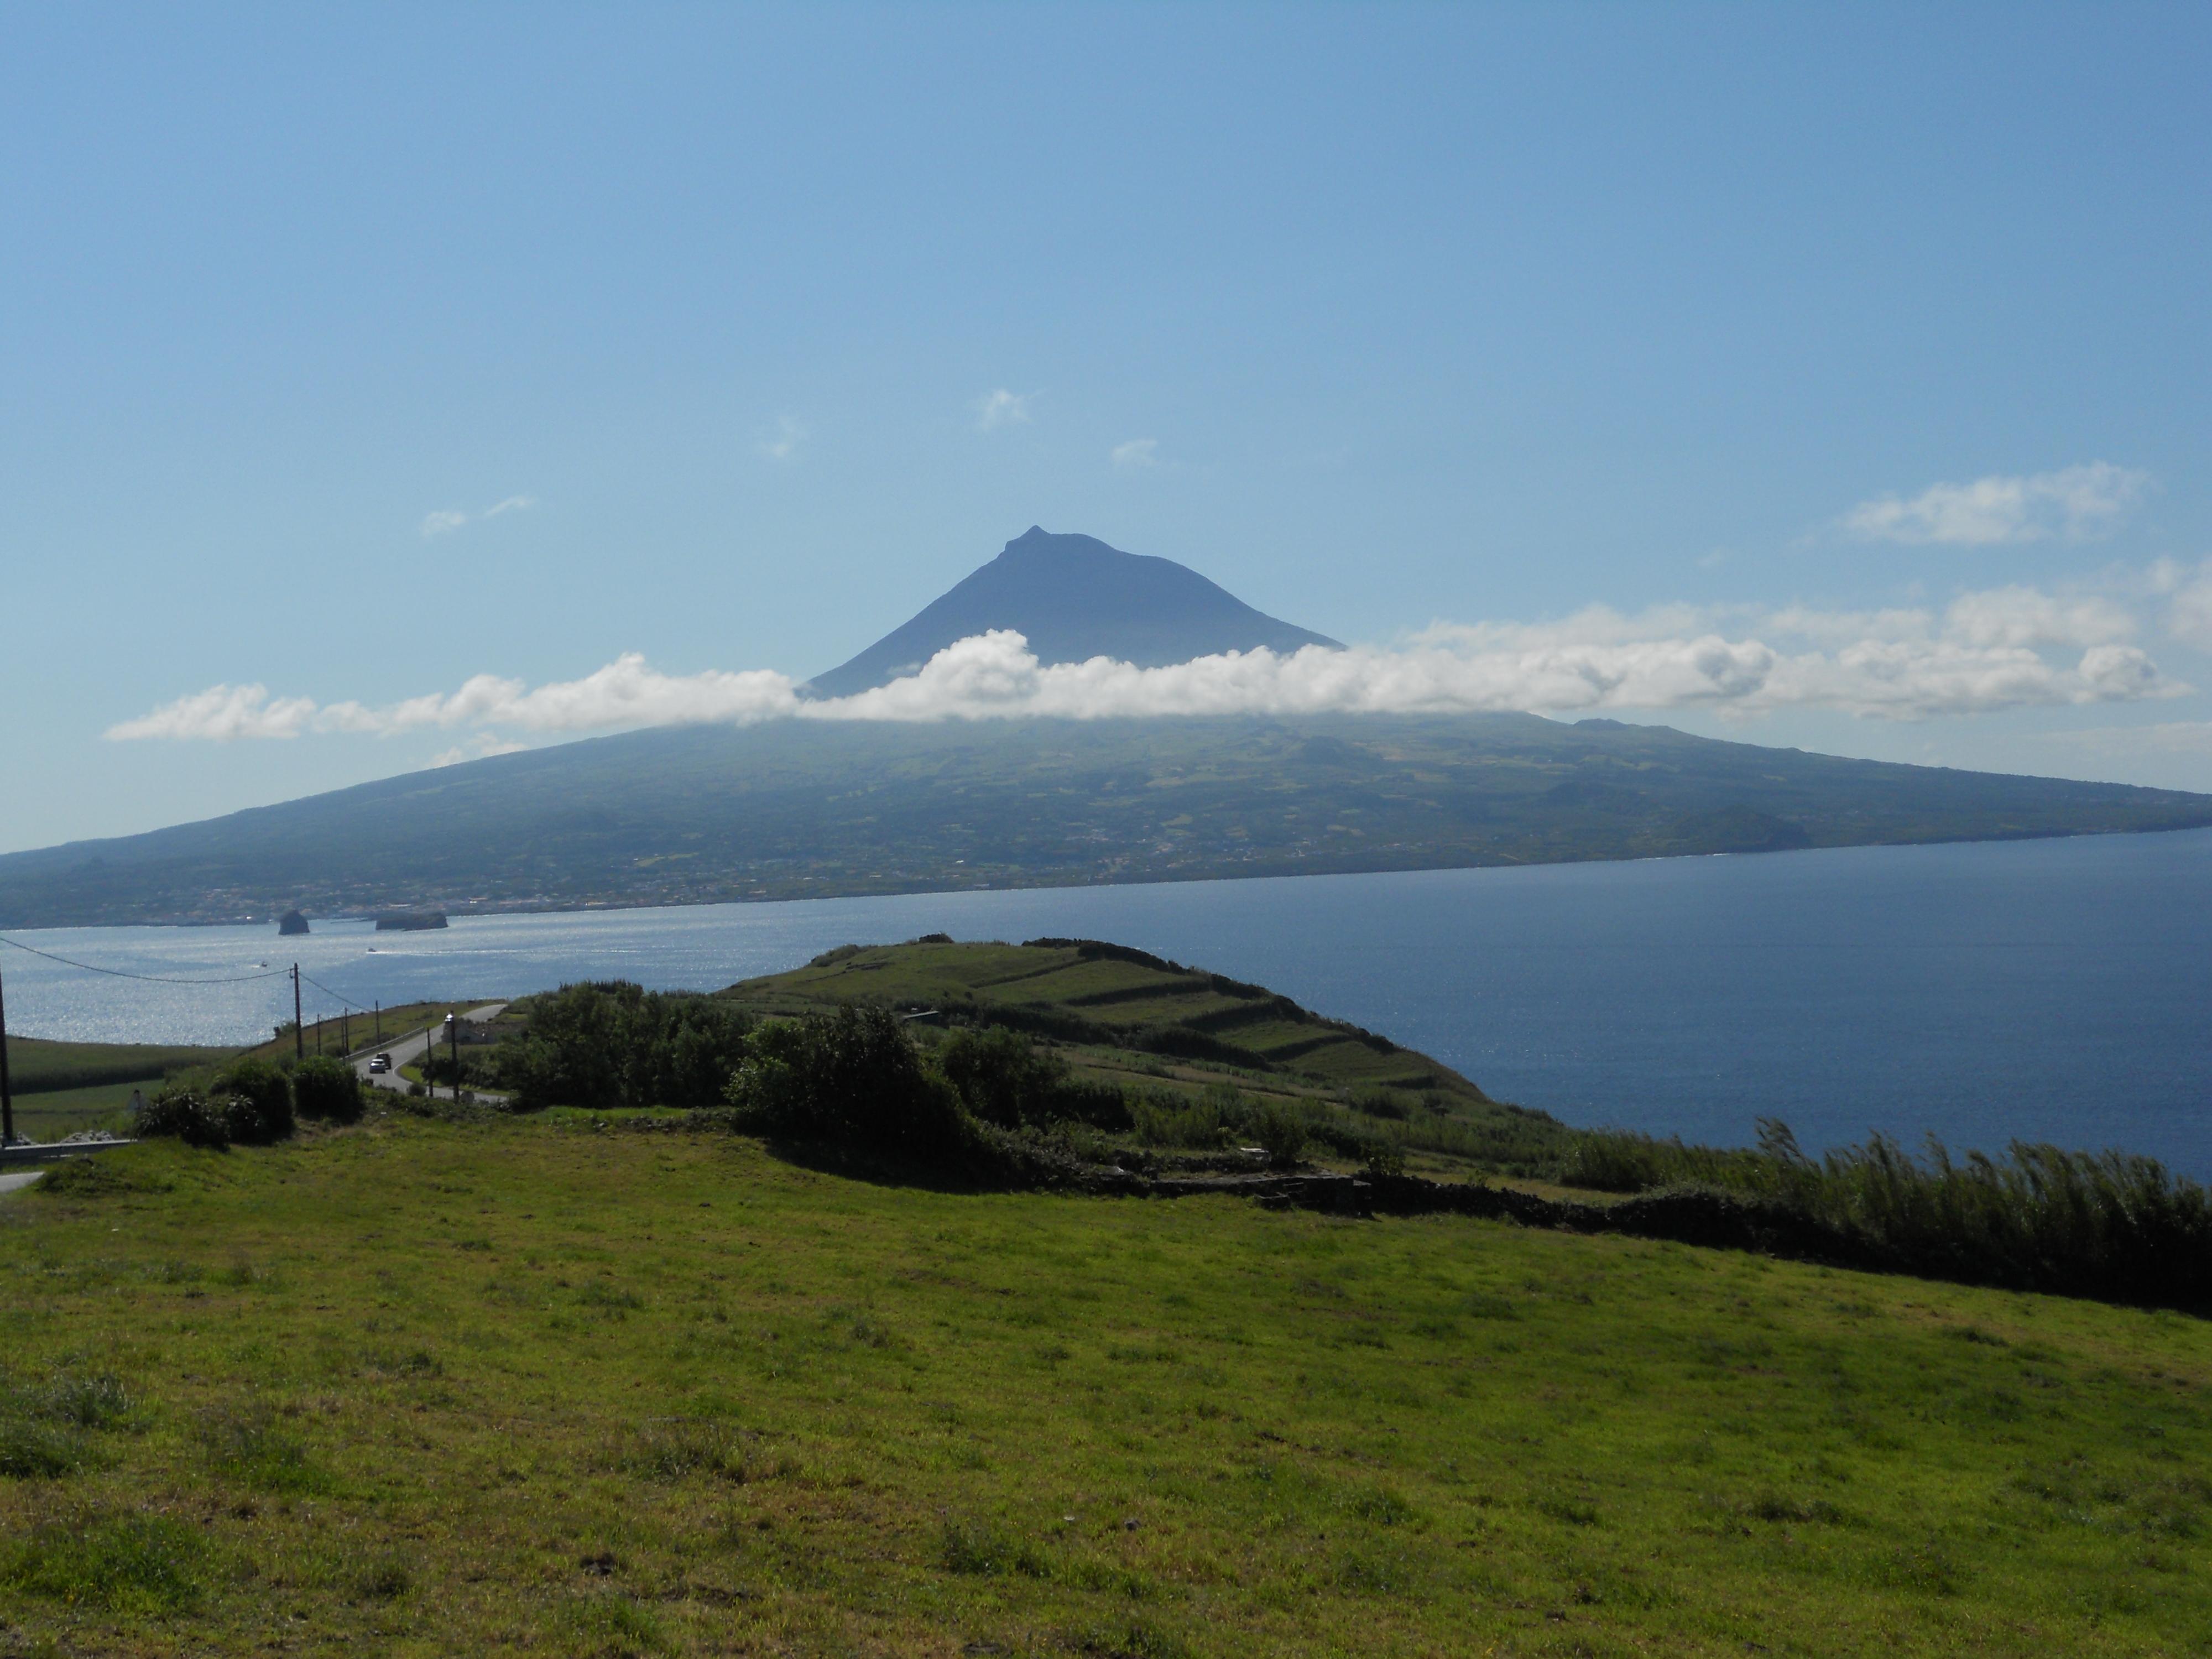 Vista de Pico desde Faial (Azores)